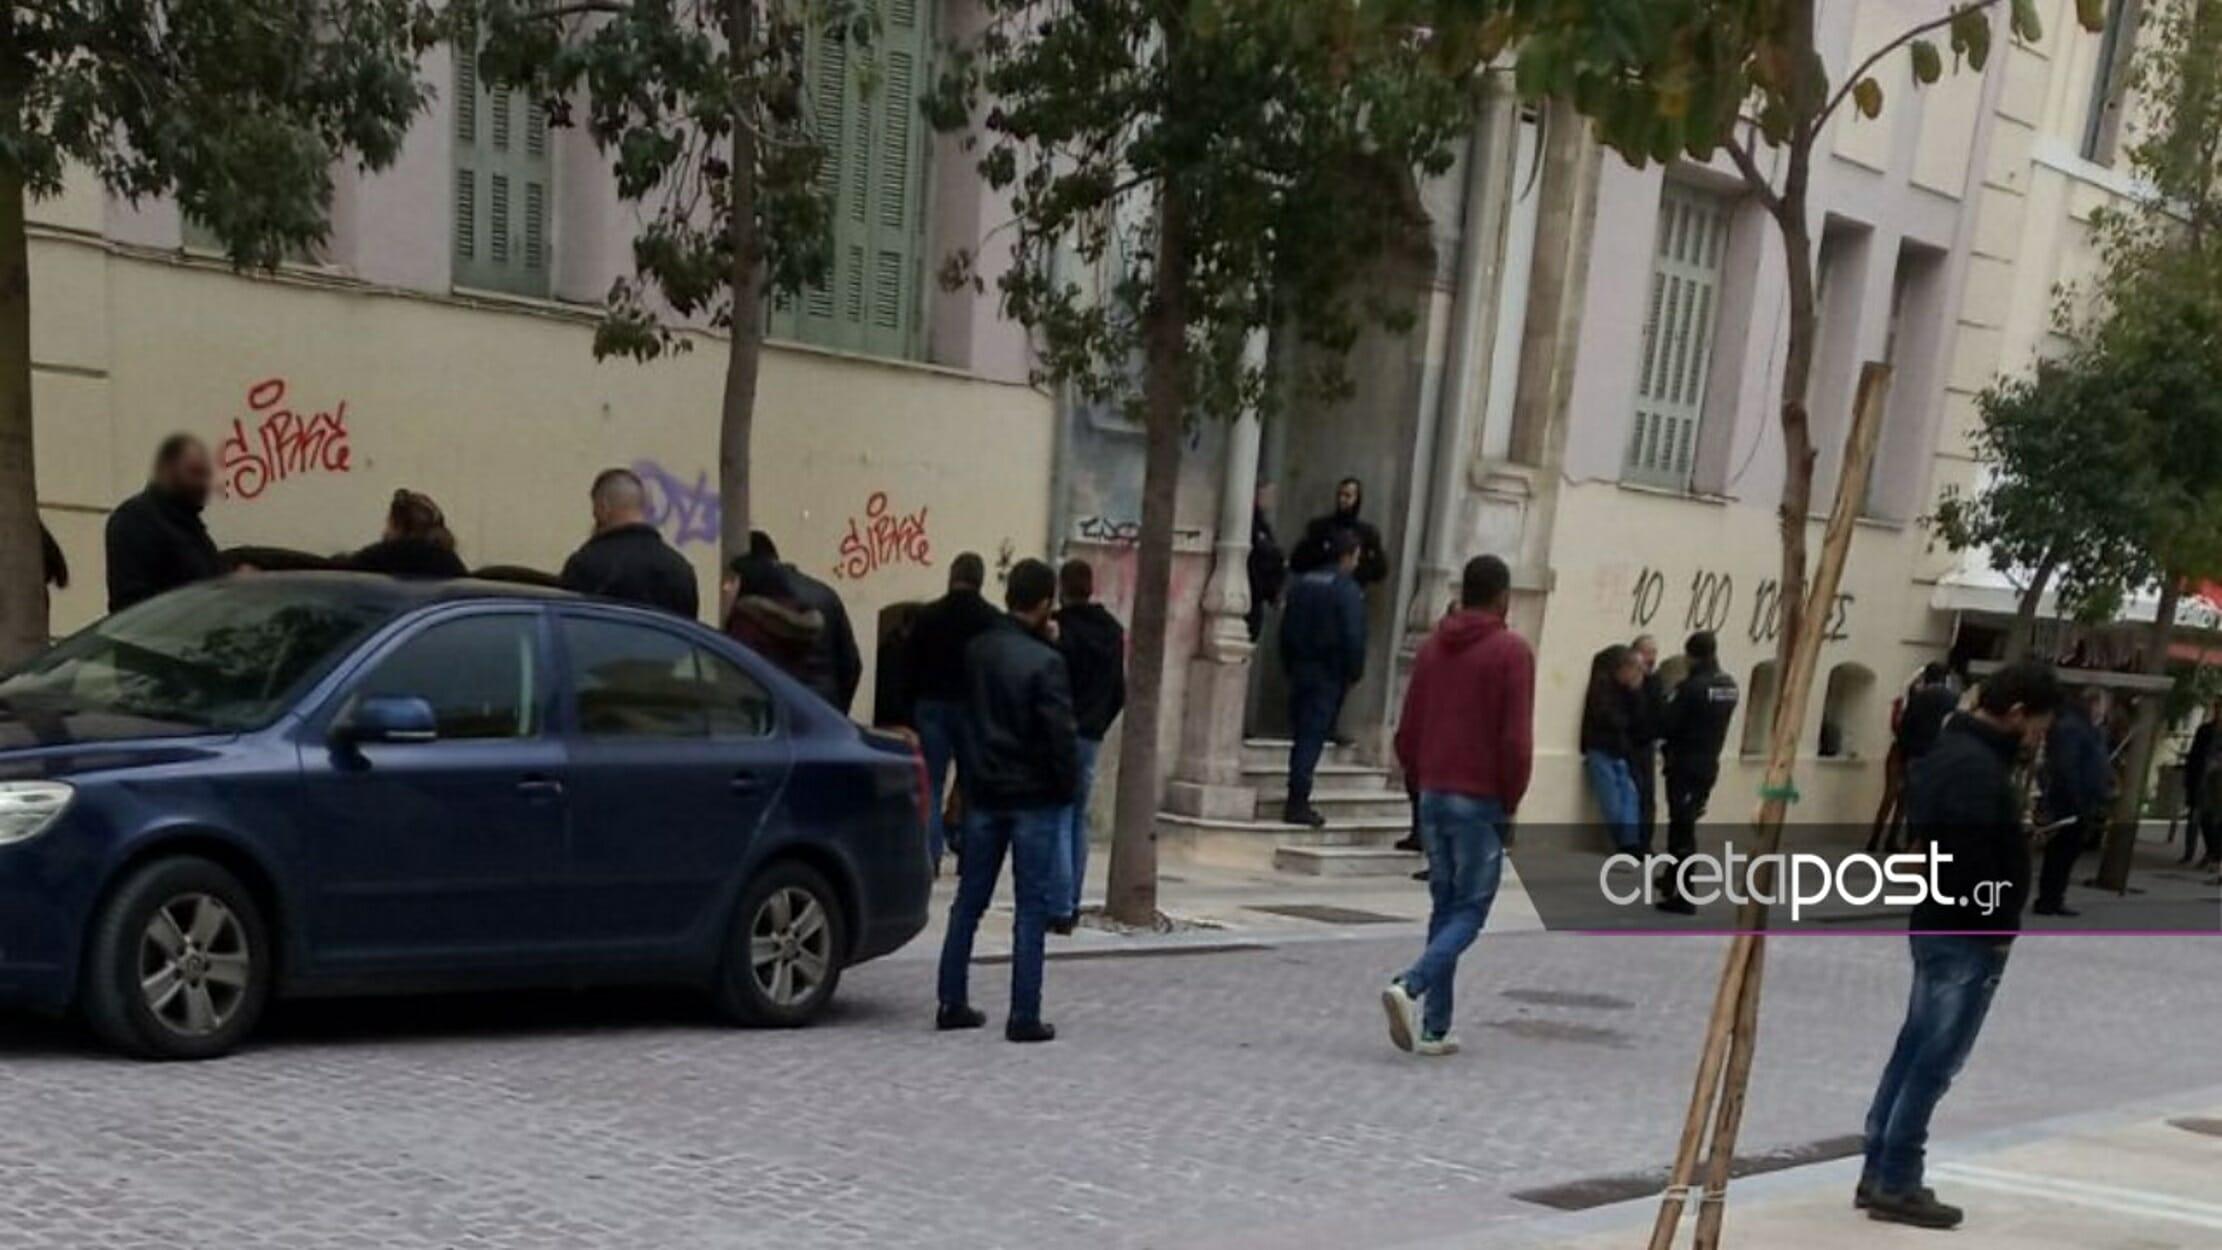 Ηράκλειο: Στο αυτόφωρο οι συλληφθέντες μεγάλης αστυνομικής επιχείρησης